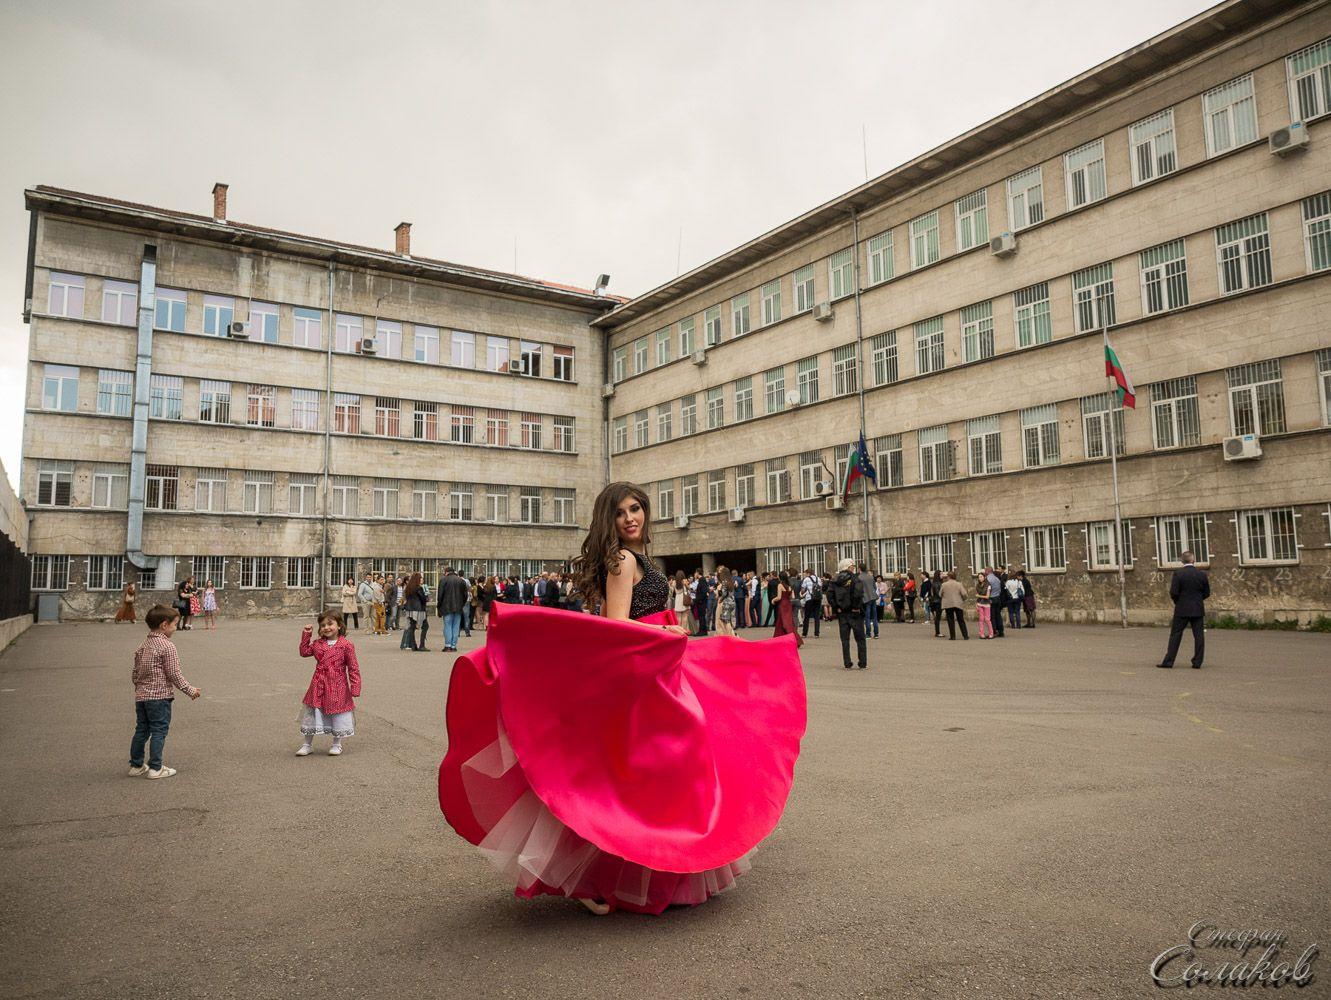 Abiturientski-bal-portretna-fotografia-sofia-464